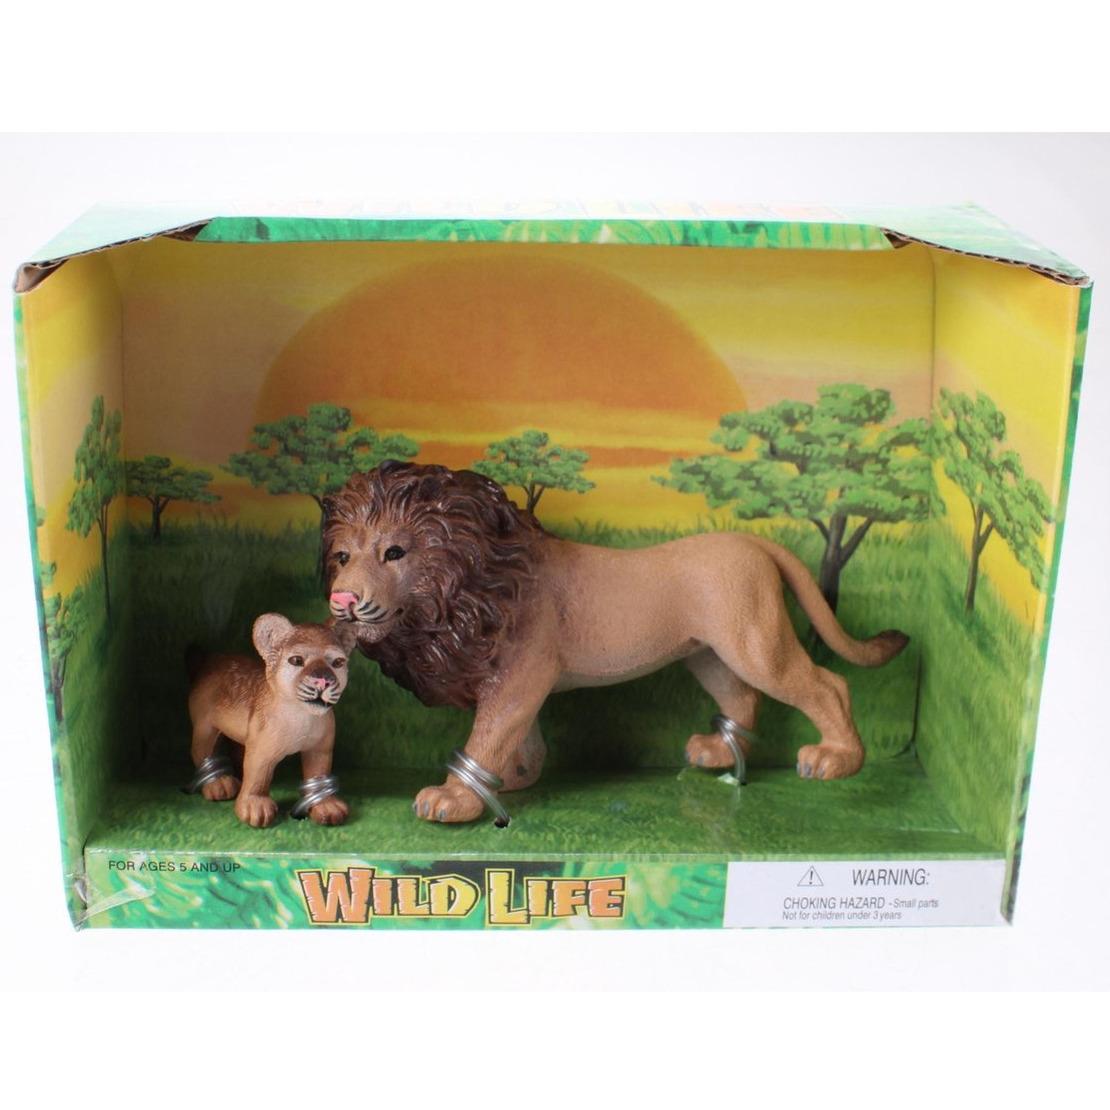 Plastic safari/wilde dieren leeuw met welp